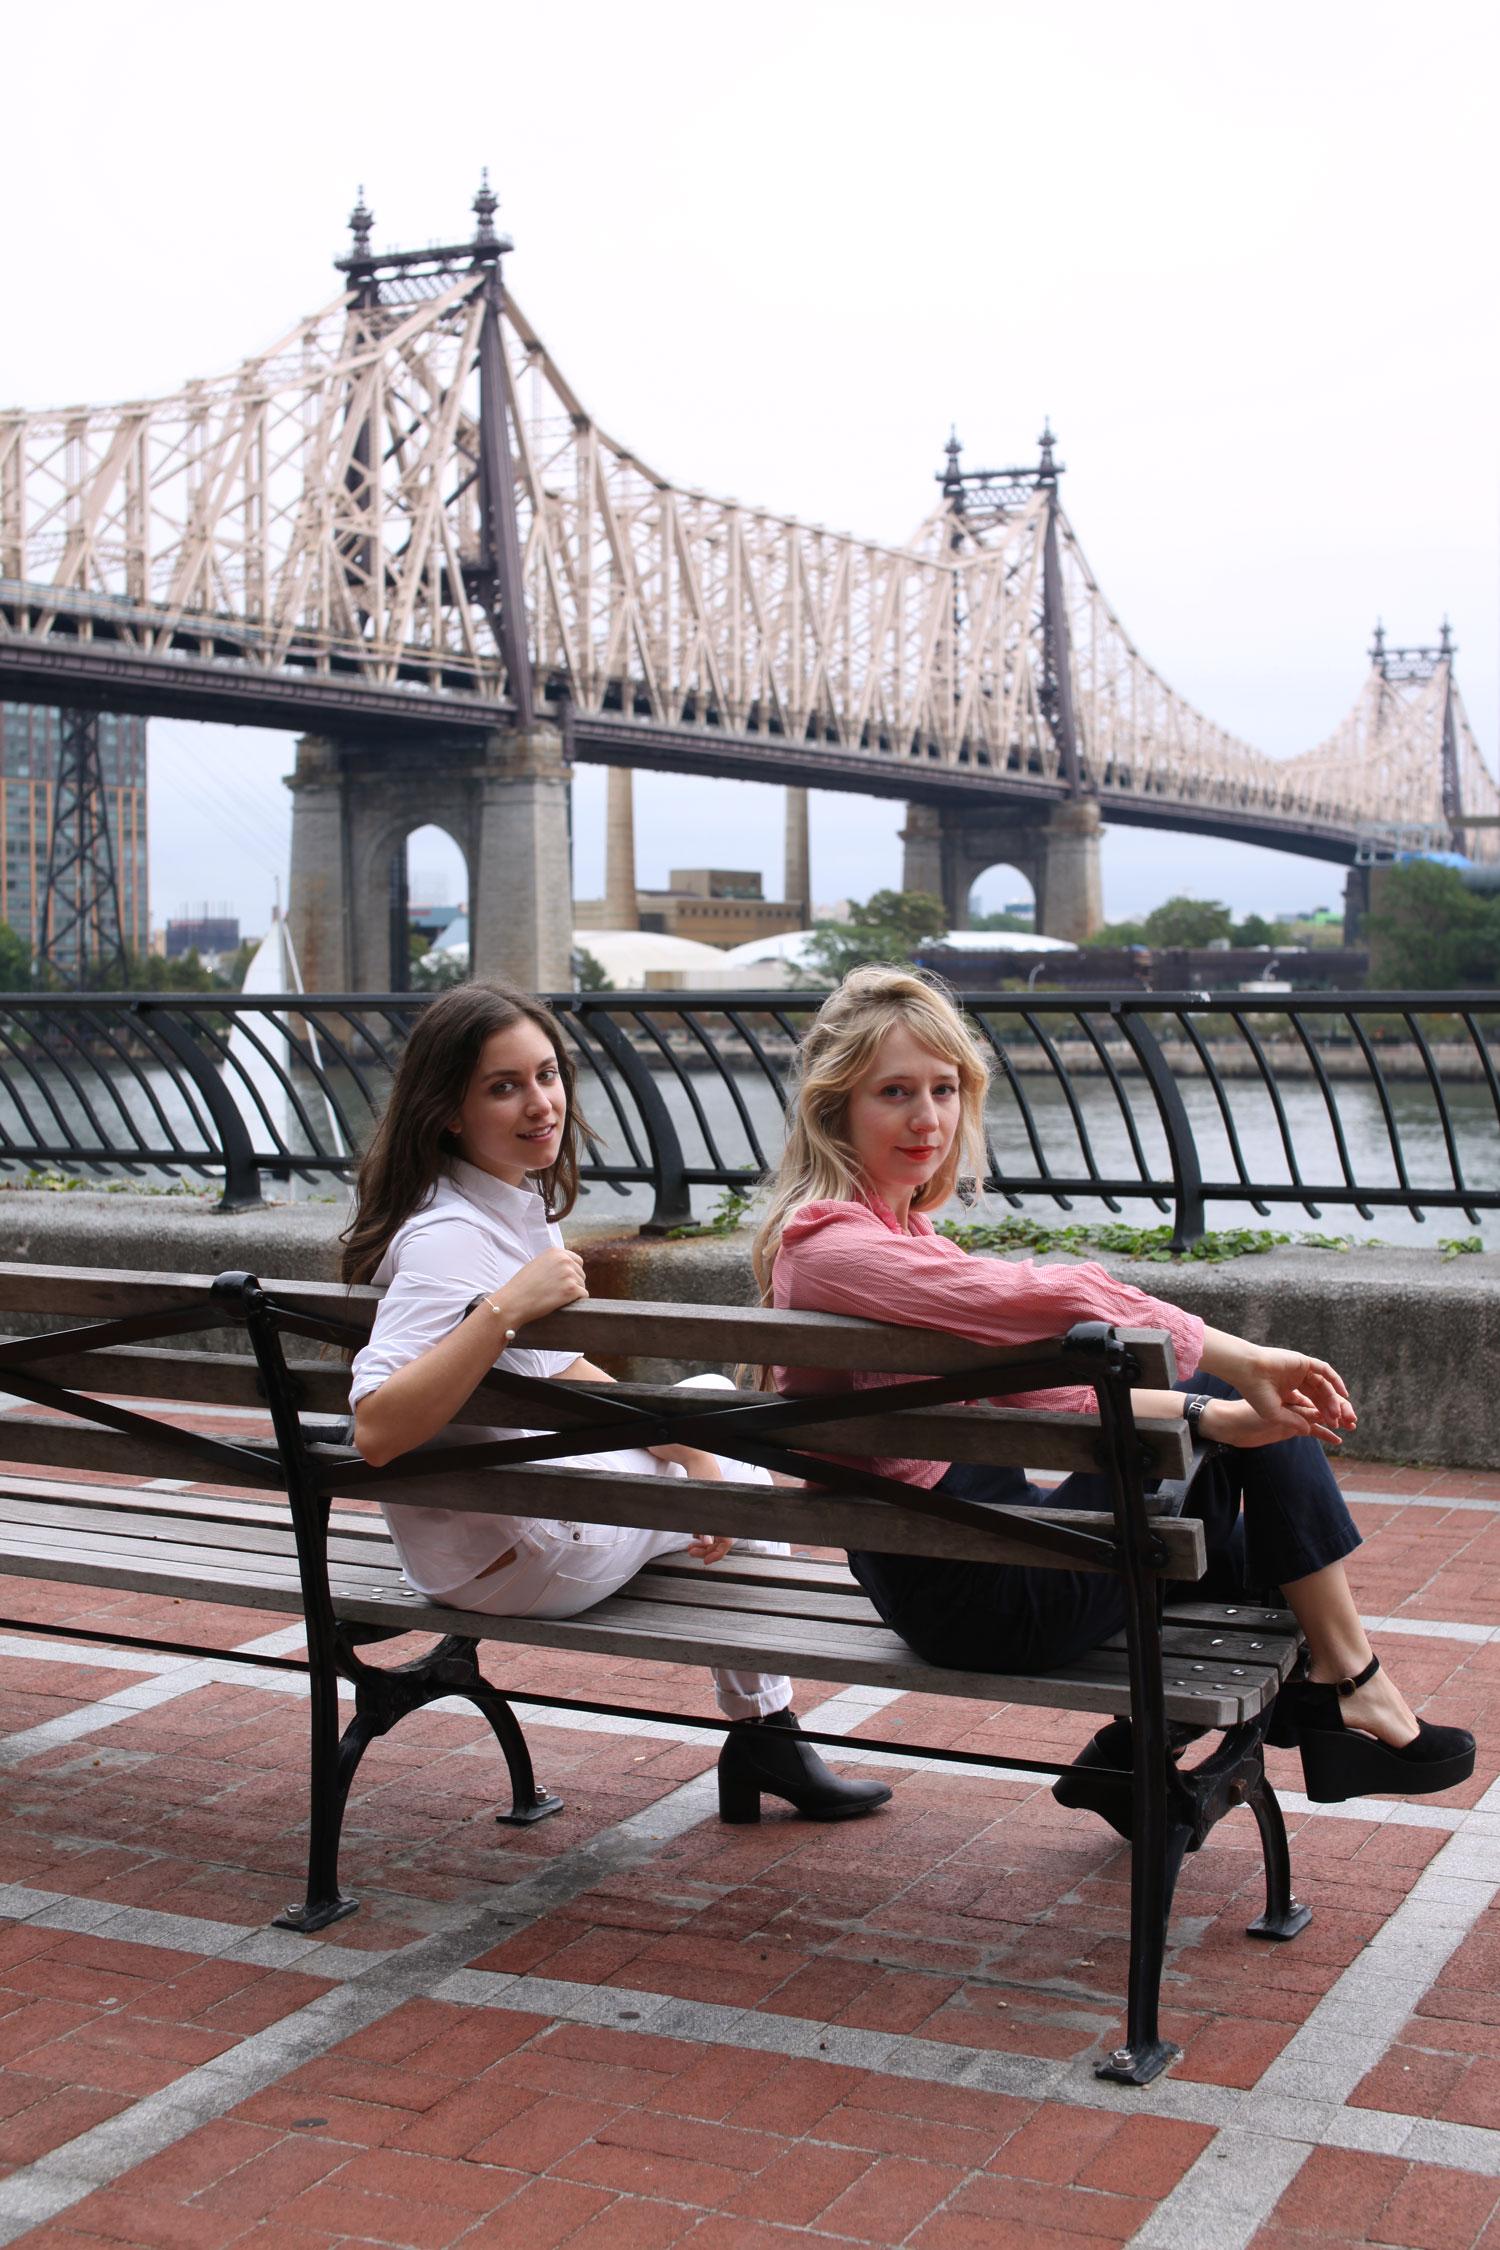 Joana Avillez and Molly Young